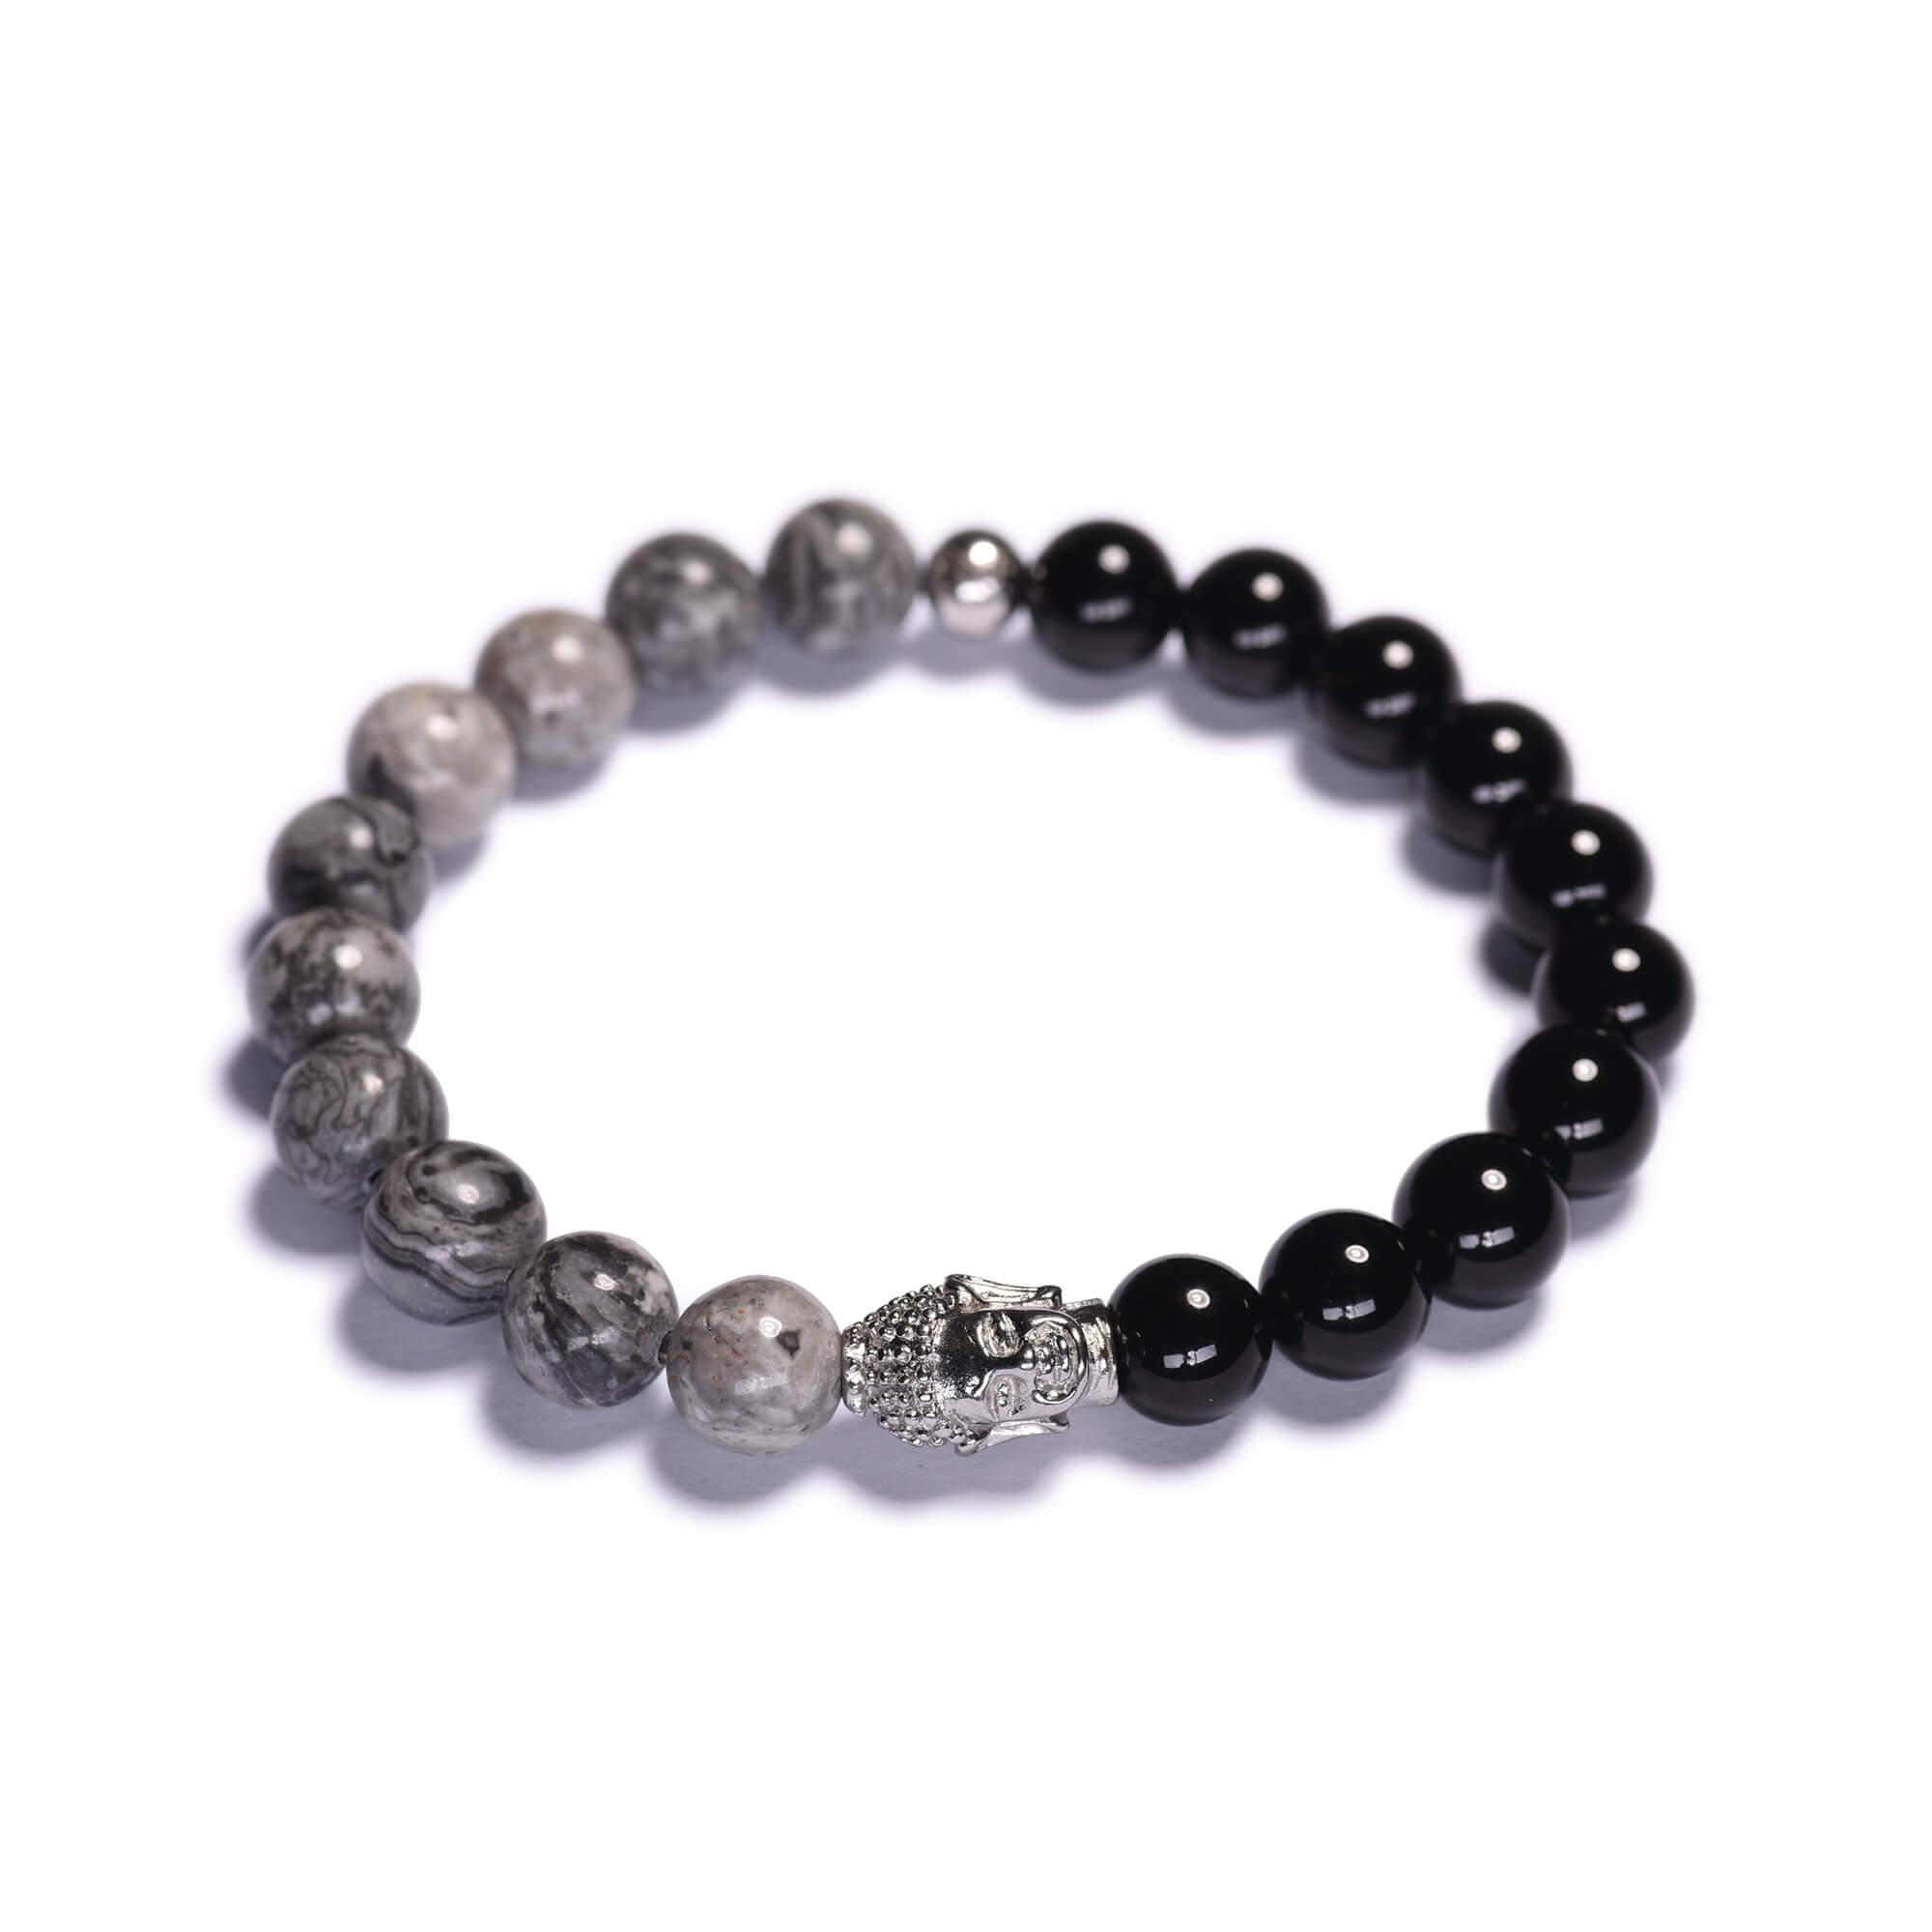 f35eb8d24 Pánsky korálikový náramok – čierny lesklý achát, šedý jaspis picasso, budha